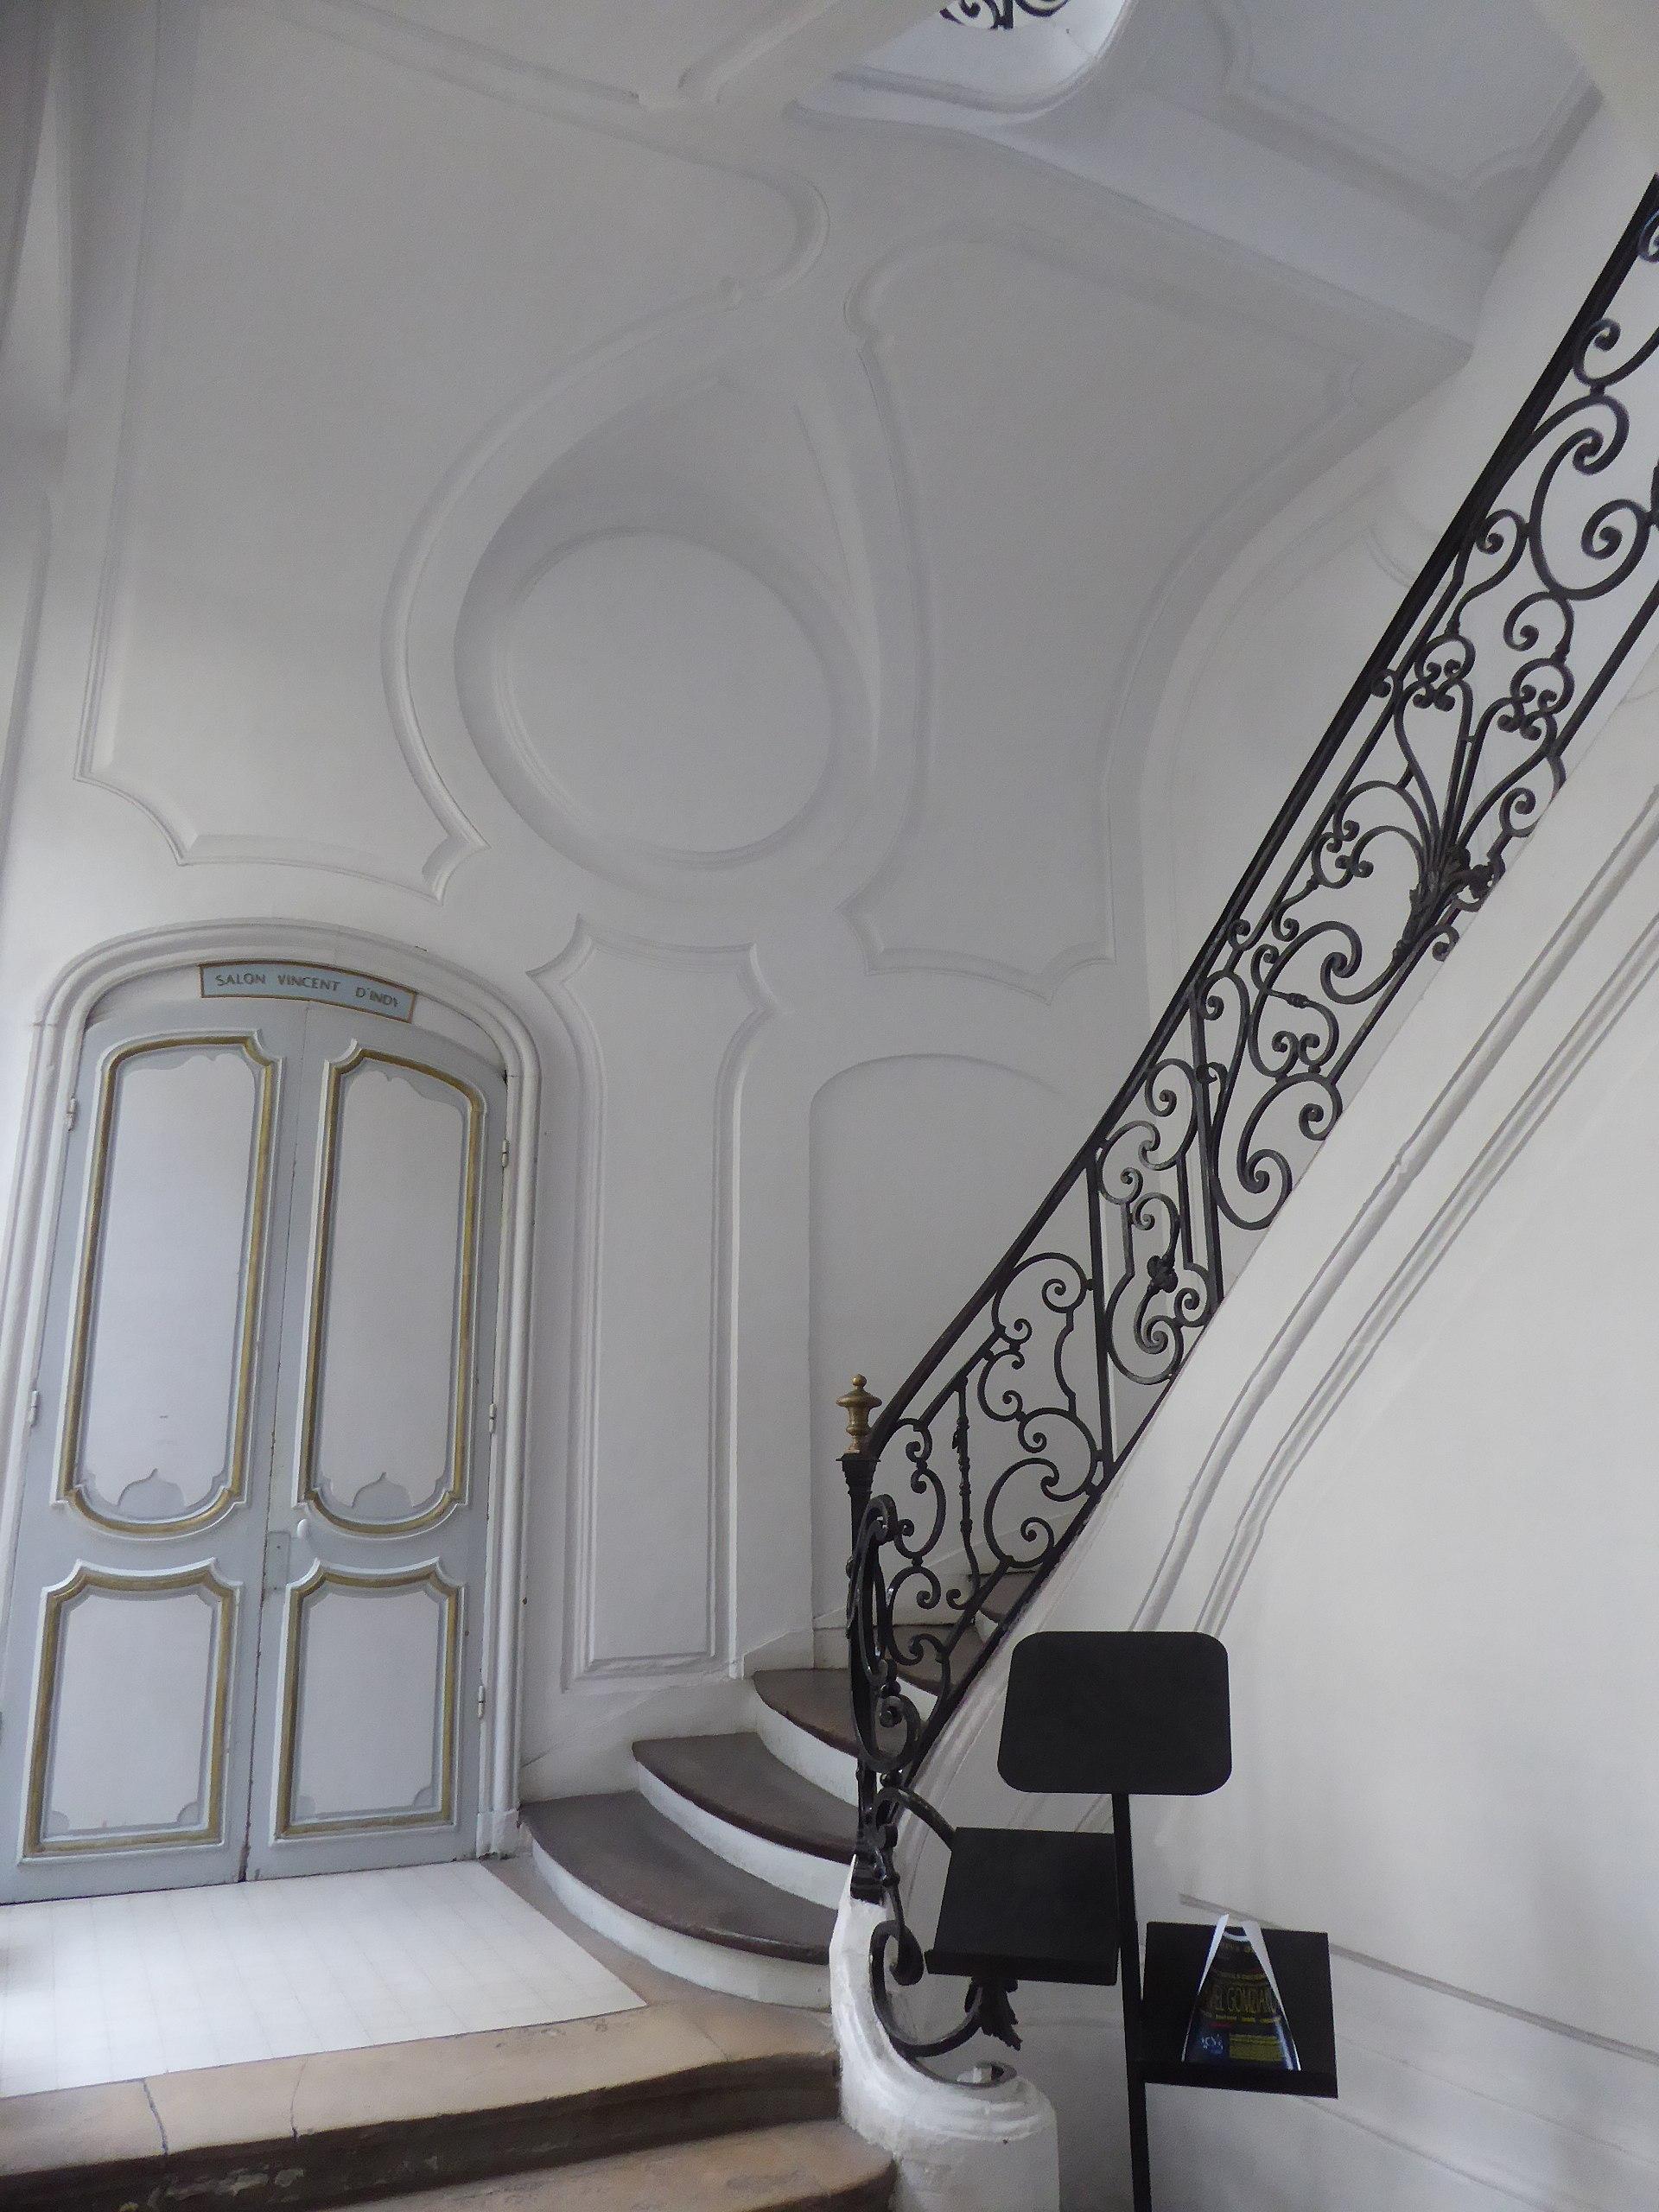 Escalier Dans Un Salon file:couvent des bénédictins anglais (ancien) escalier